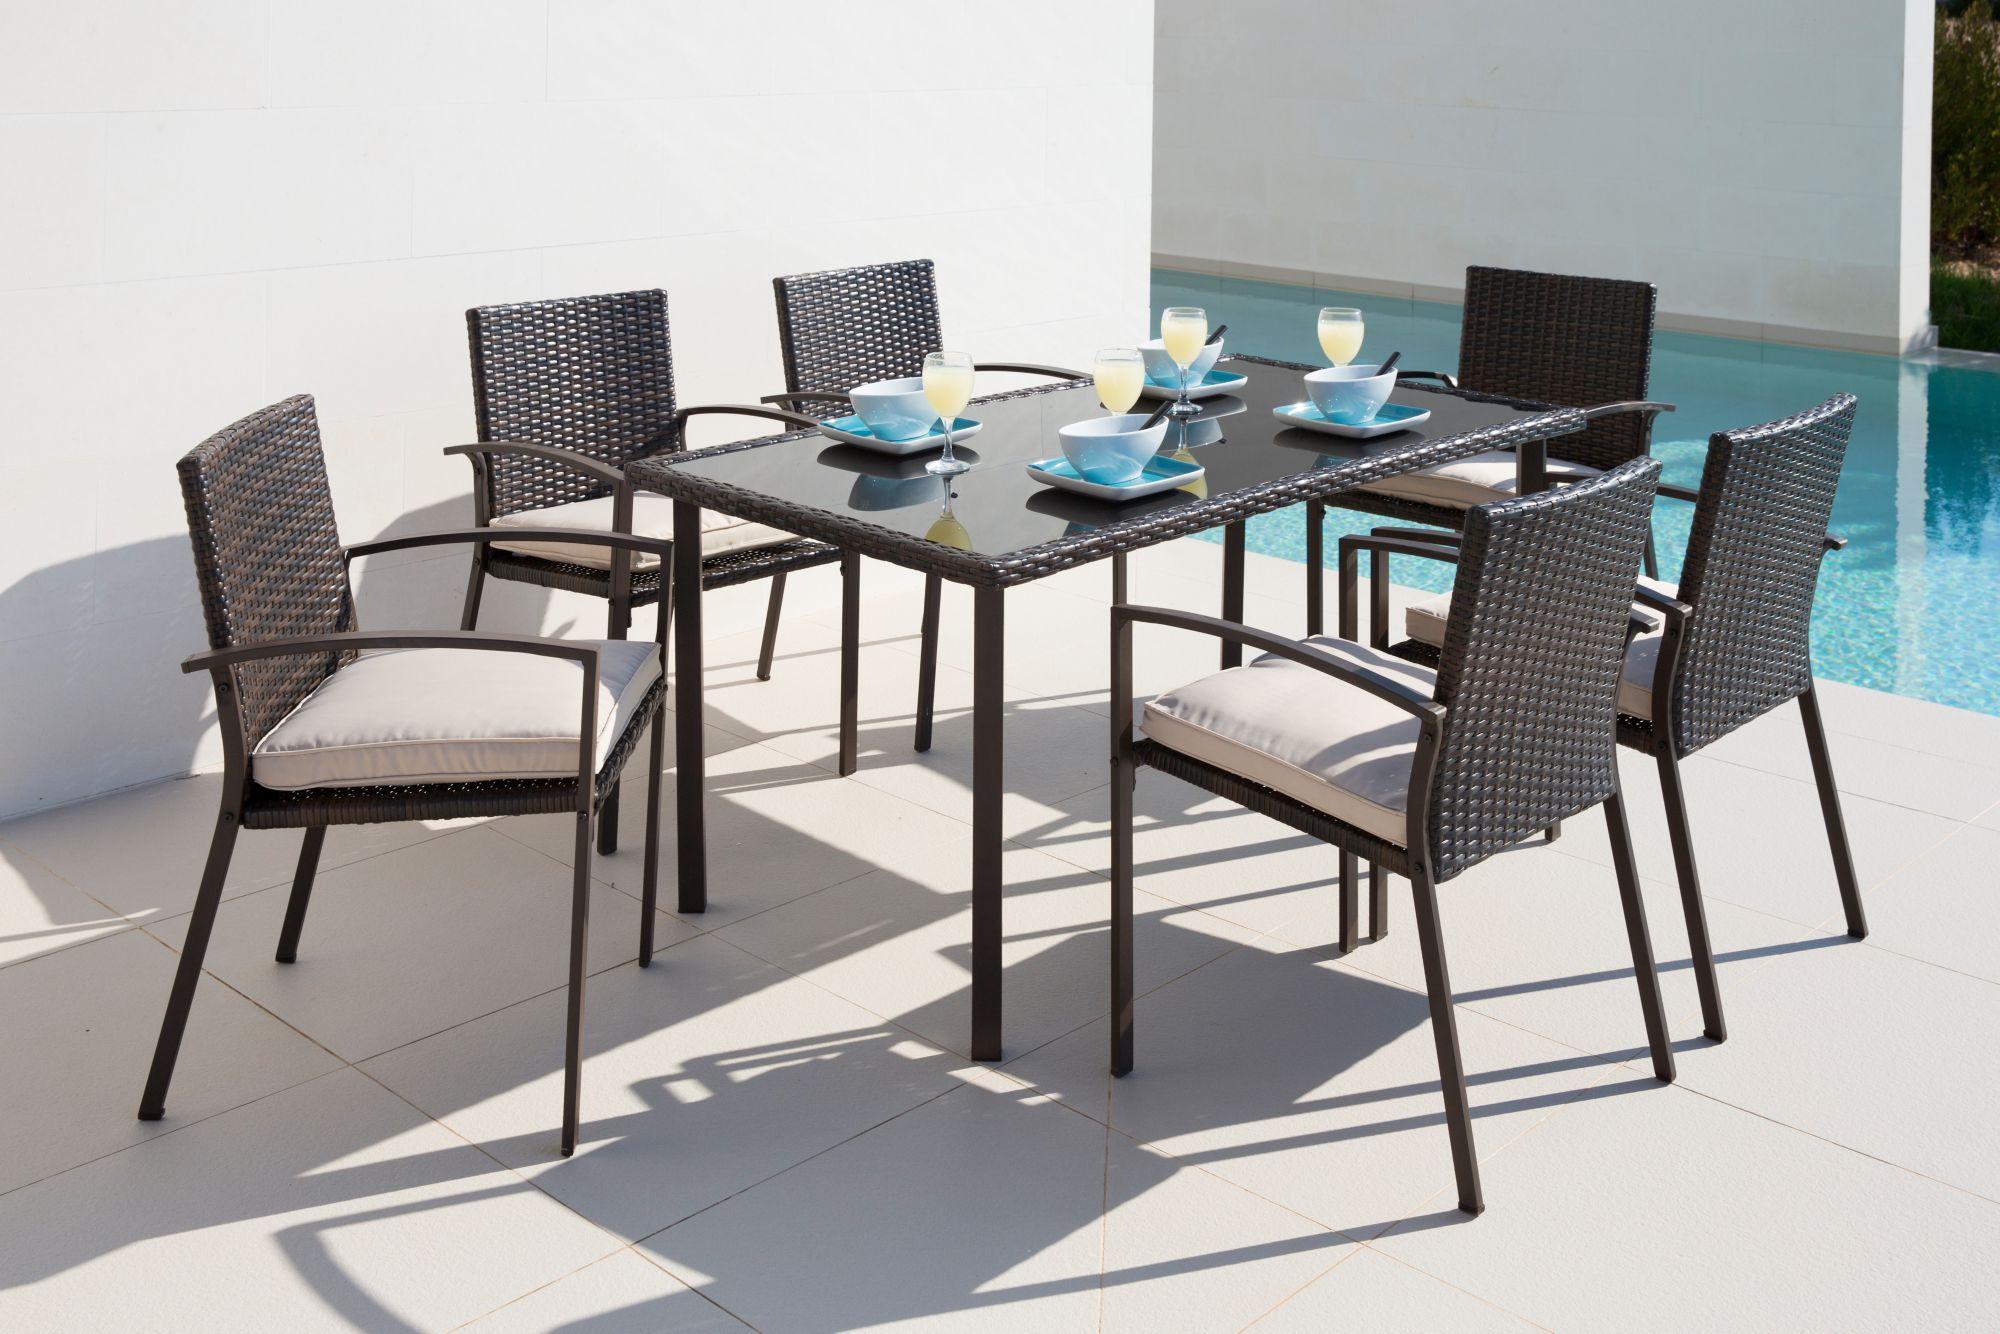 13-tgl. Gartenmöbelset »Victoria«, 6 Sessel, Tisch 150x80 cm, Polyrattan, braun